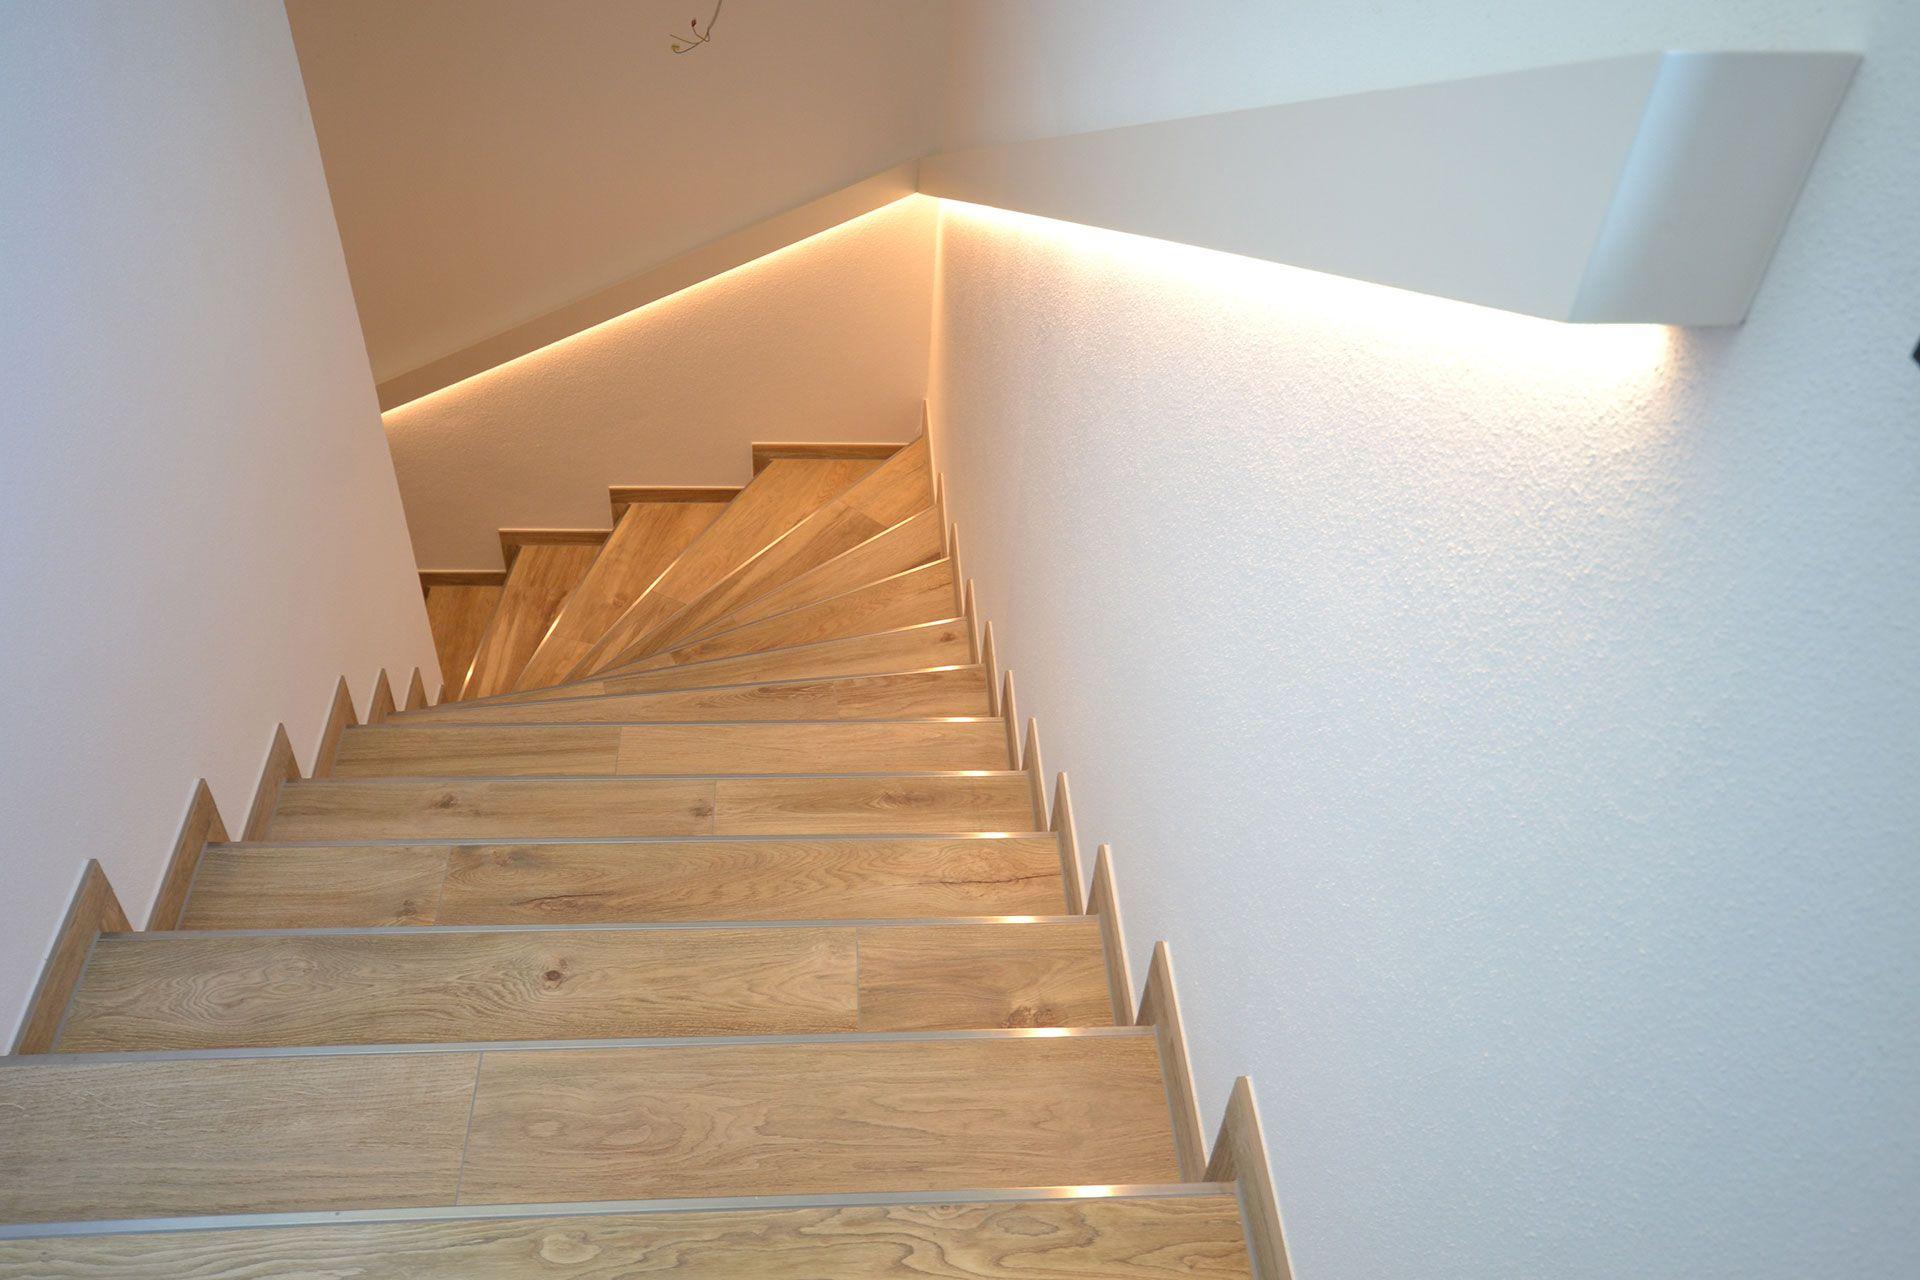 Eine Klare Linie Unauffallig Schon Mit Griffkomfort Und Integrierter Treppenbeleuchtung So Wird Der Treppenaufgang Nicht N Treppenbeleuchtung Handlauf Treppe